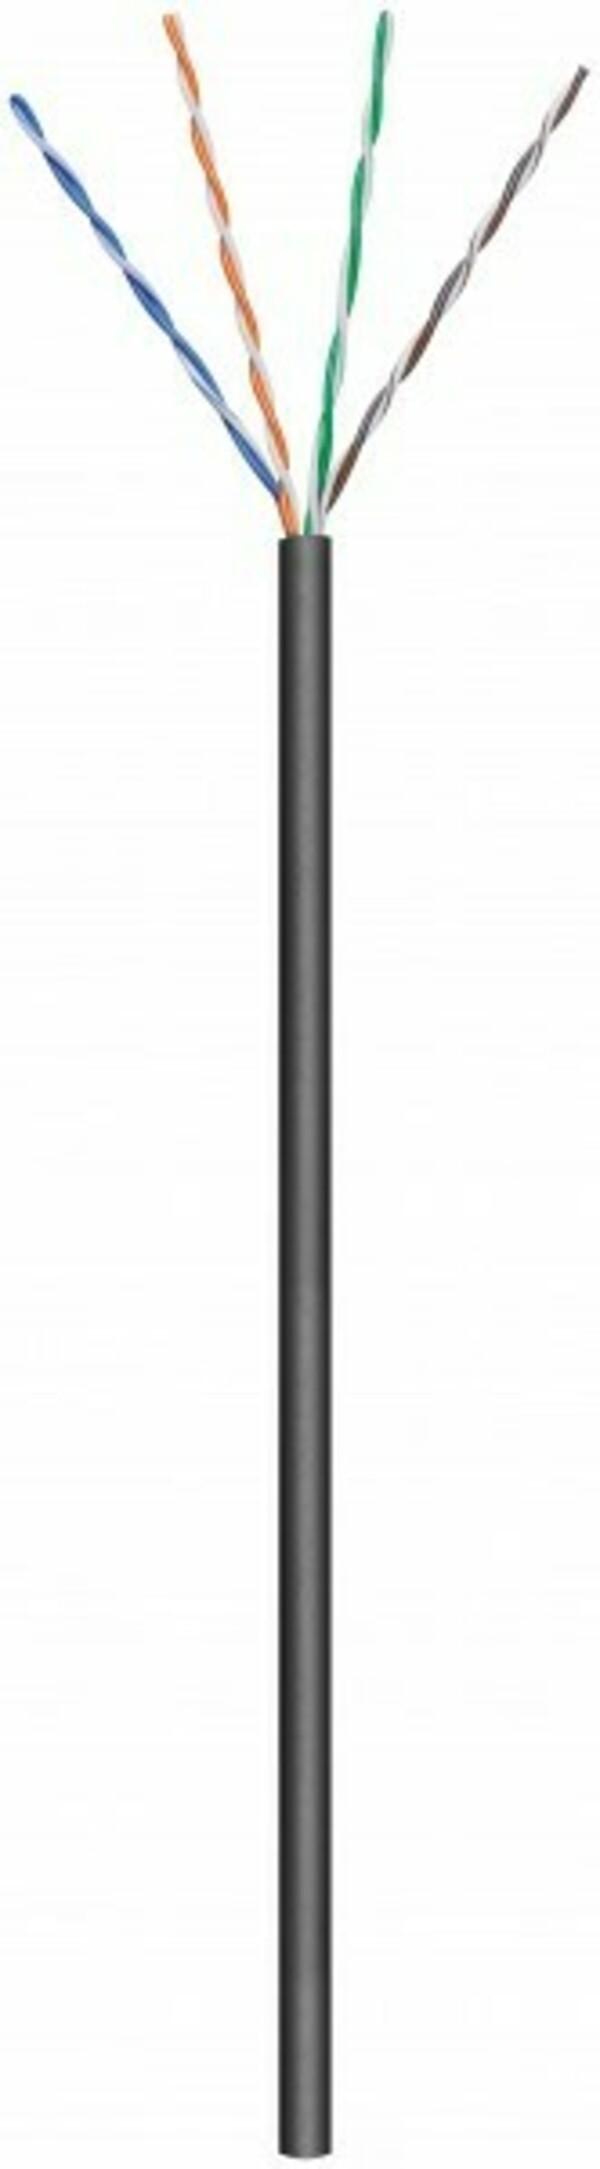 Afbeelding van CAT5e U/UTP 100m buitenkabel op rol soepel zwart CCA